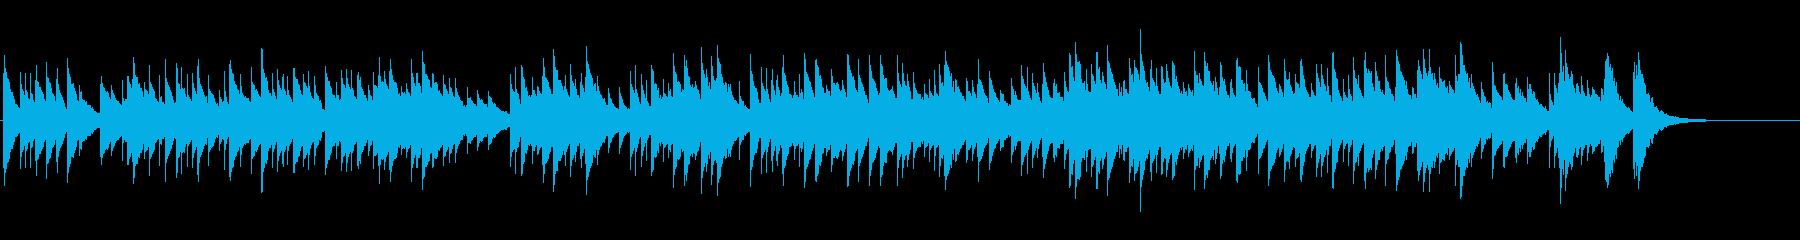 結婚式のスピーチに合いそうなオルゴールの再生済みの波形